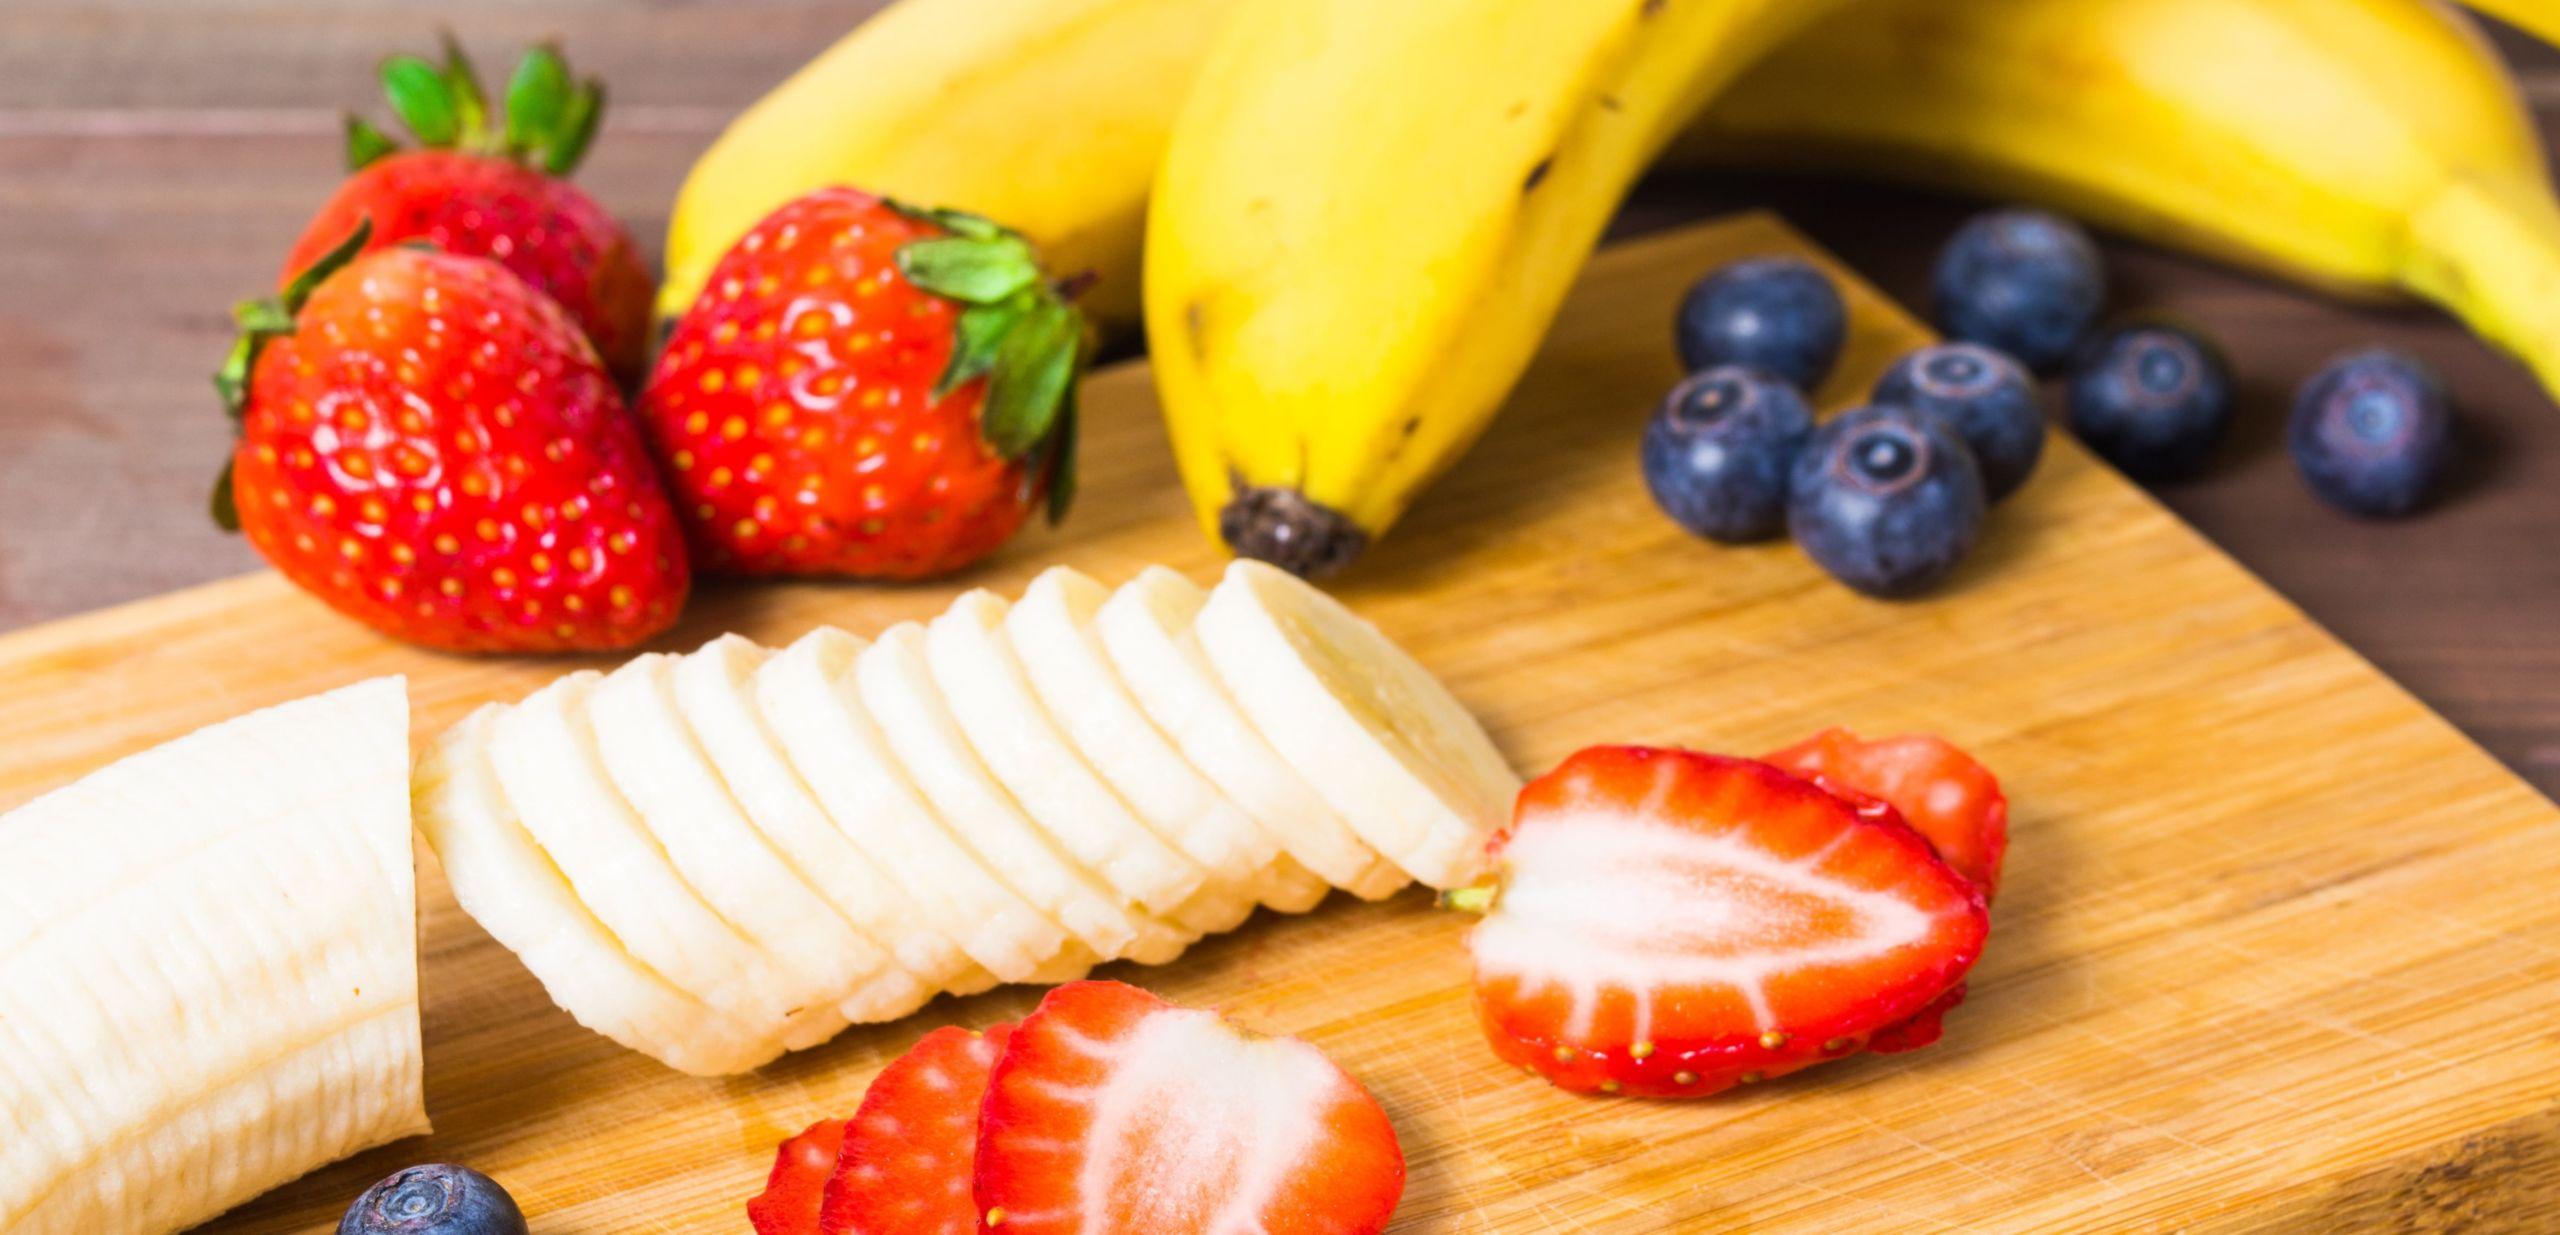 Effetti collaterali del fruttosio nella dieta